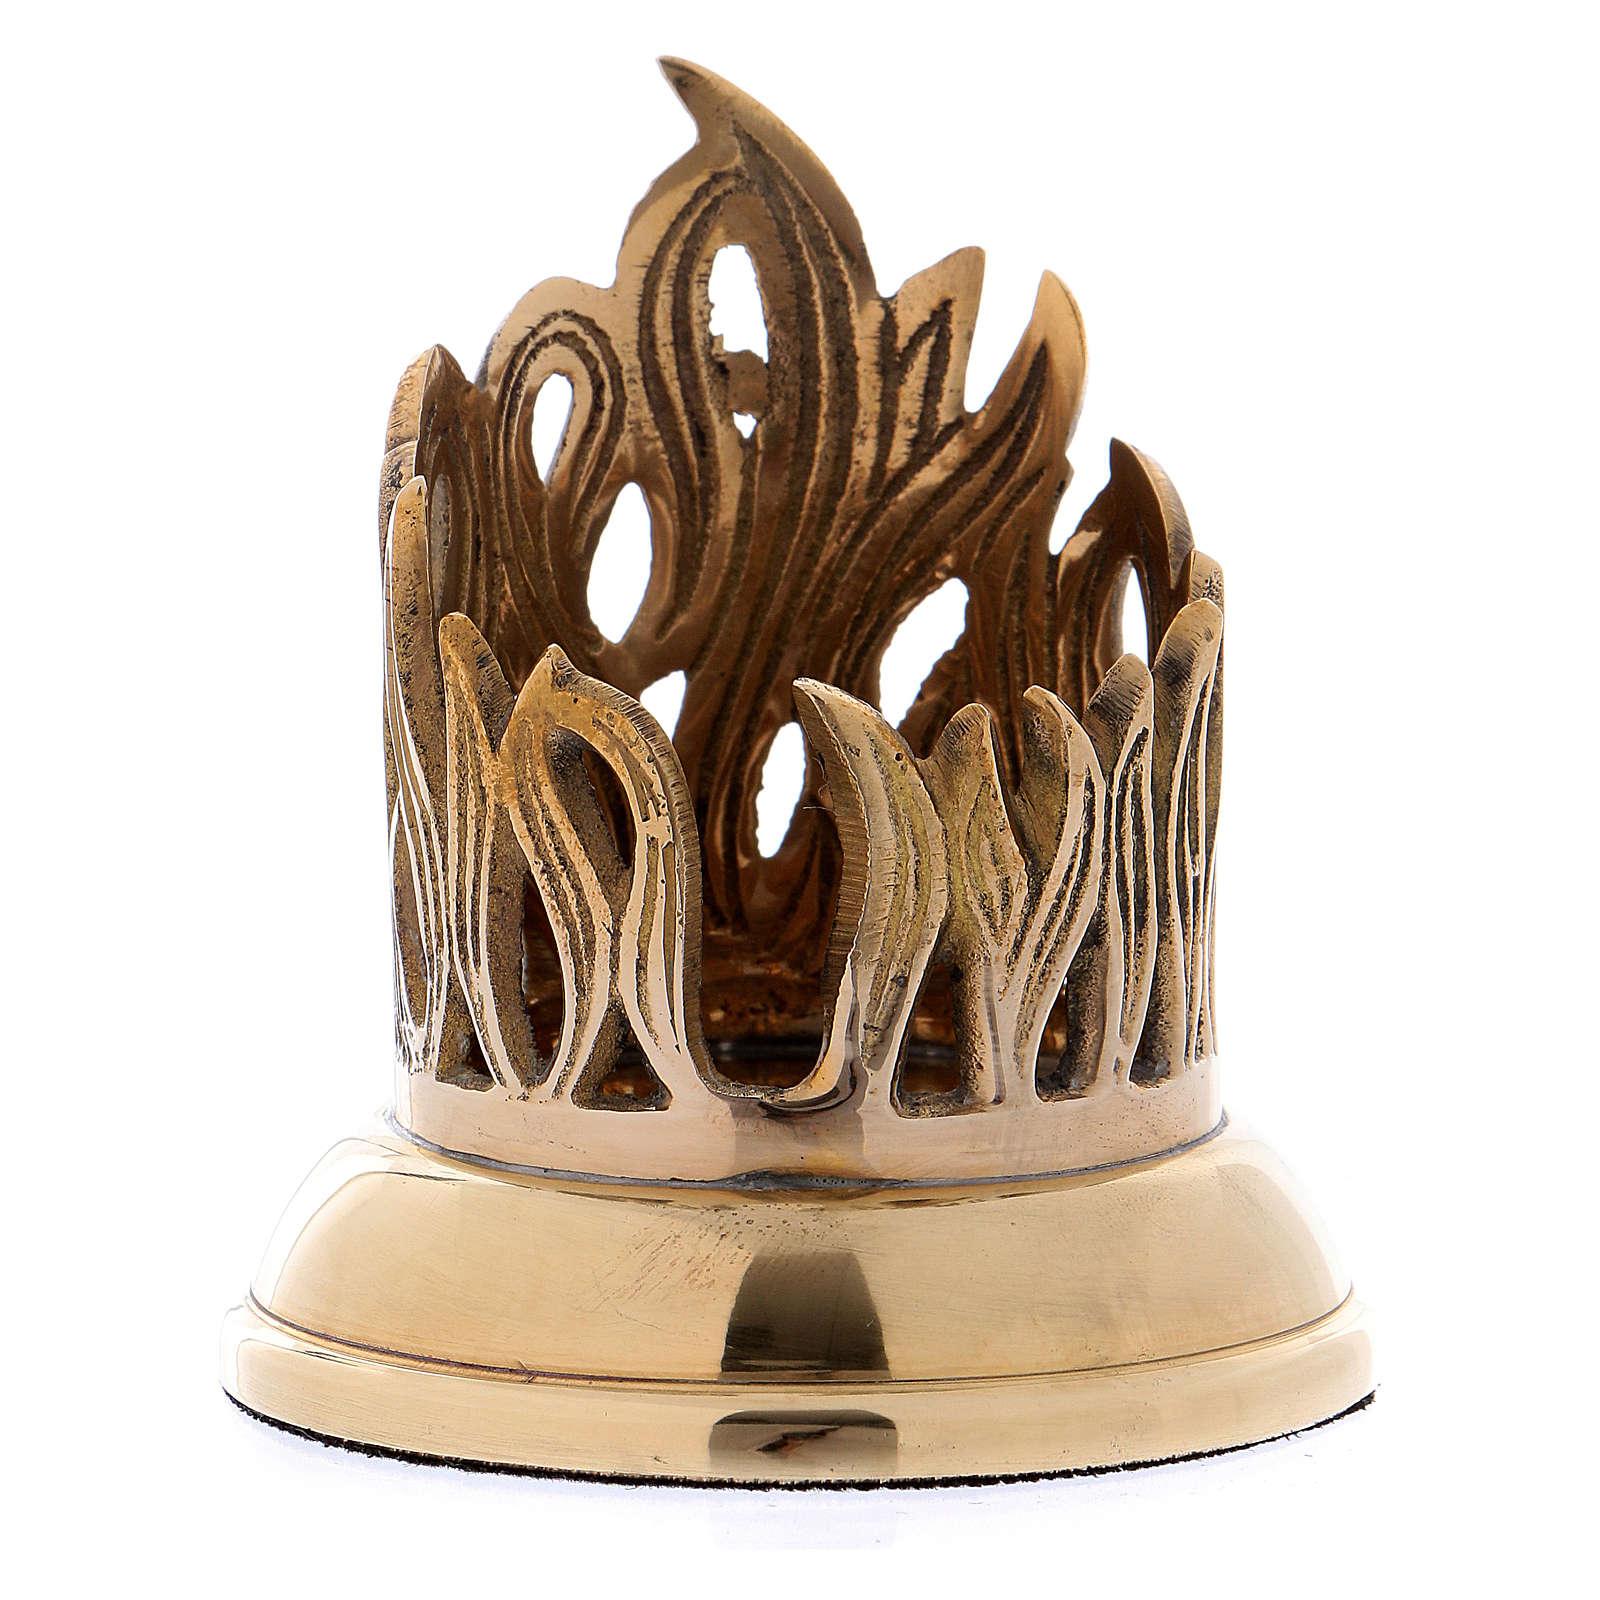 Portacandela decorazione traforata fiamma ottone dorato 4 cm 4